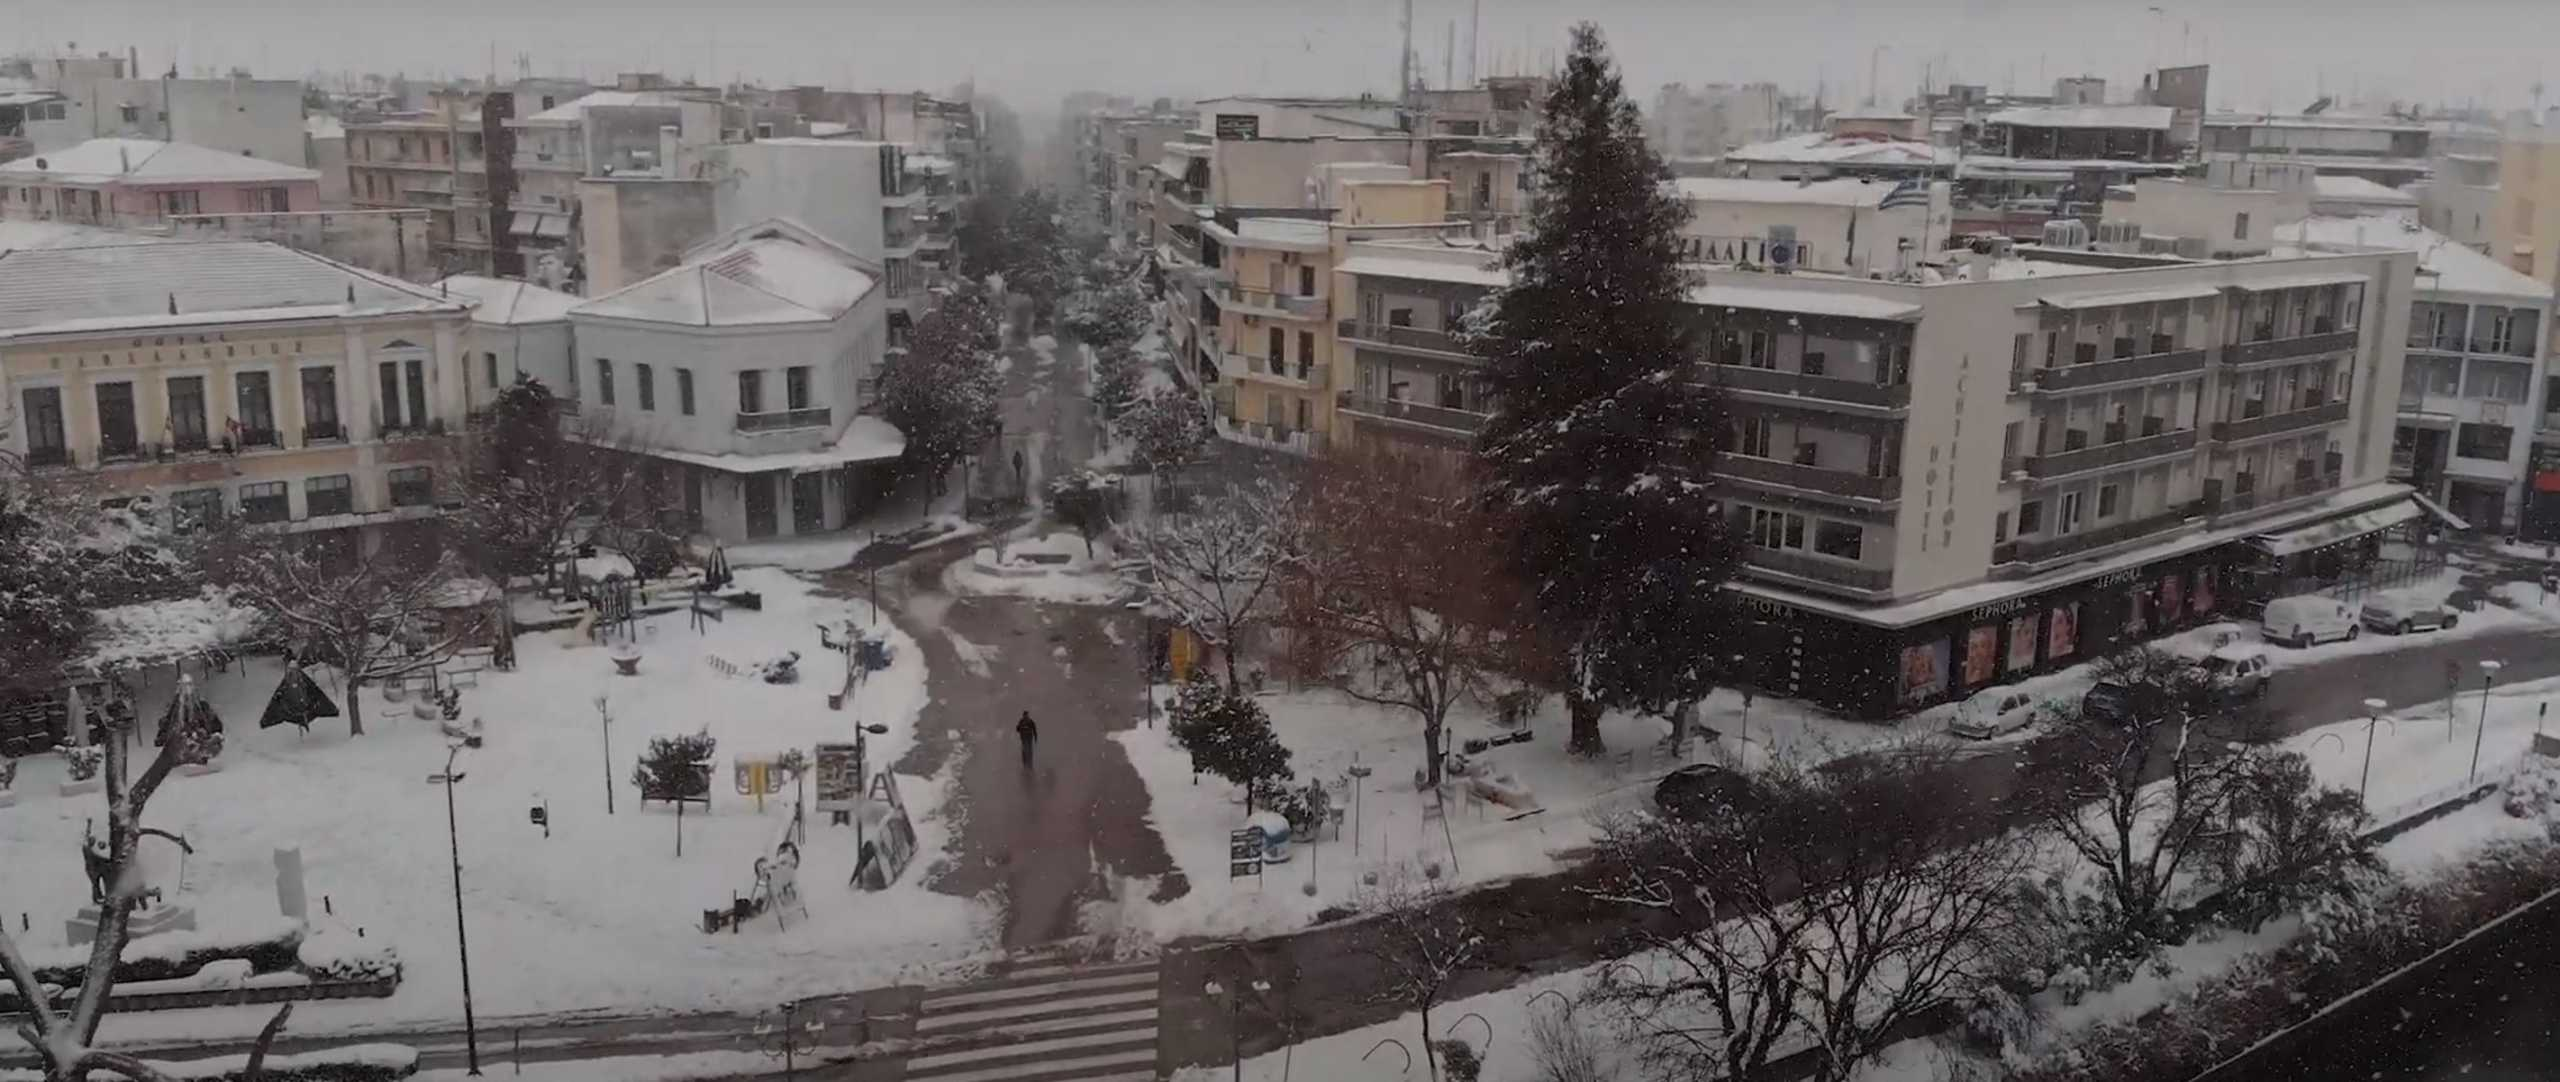 Καιρός – Τρίκαλα: Μαγευτικά πλάνα της κατάλευκης πόλης από drone